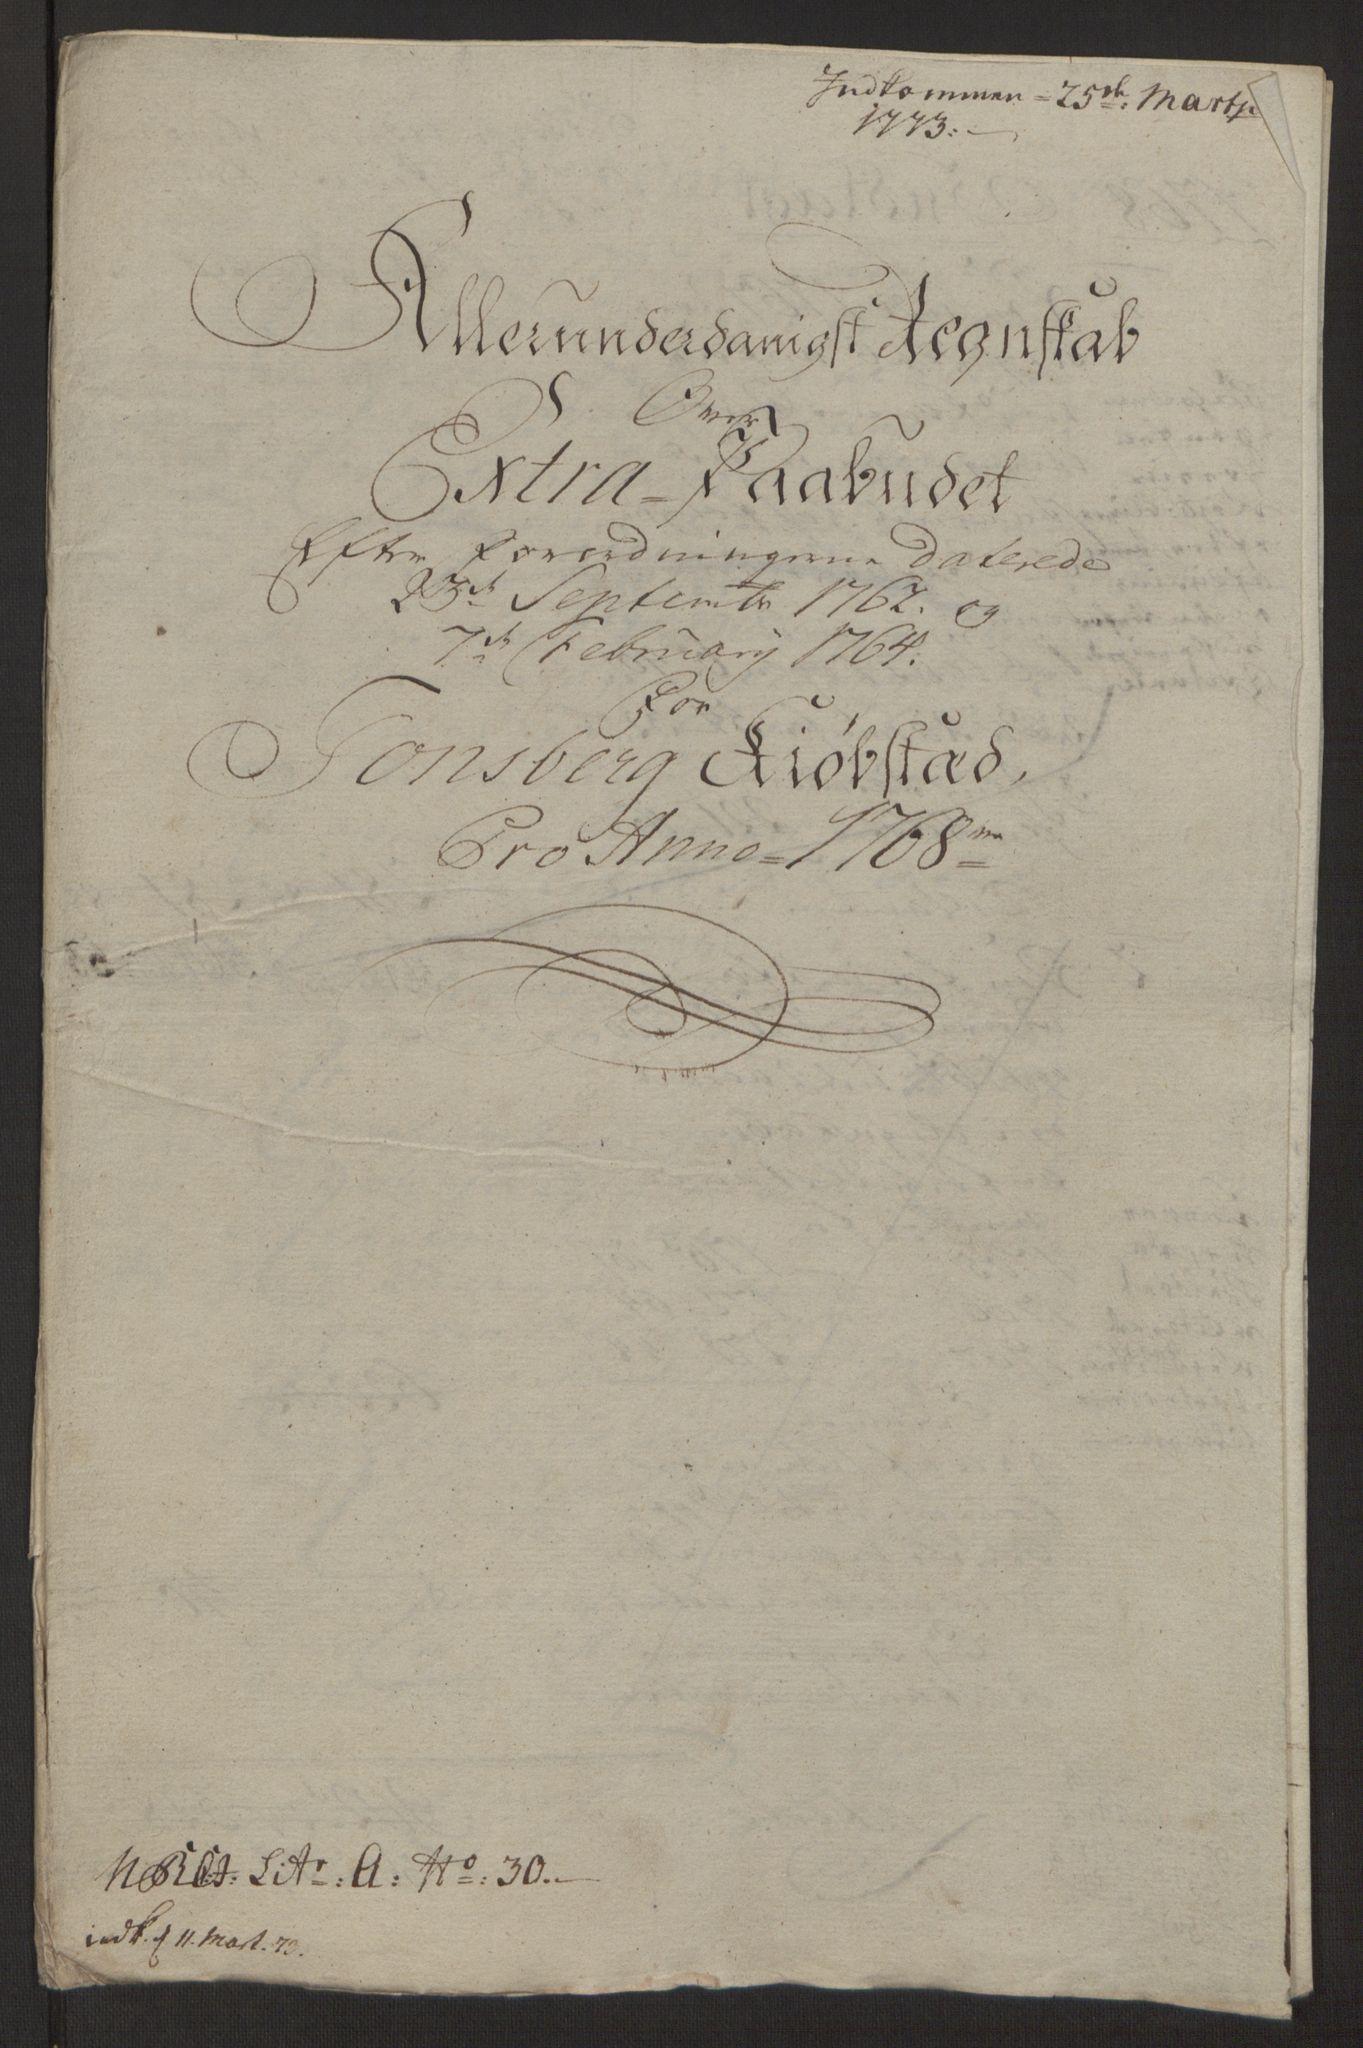 RA, Rentekammeret inntil 1814, Reviderte regnskaper, Byregnskaper, R/Rh/L0162: [H4] Kontribusjonsregnskap, 1762-1772, s. 335